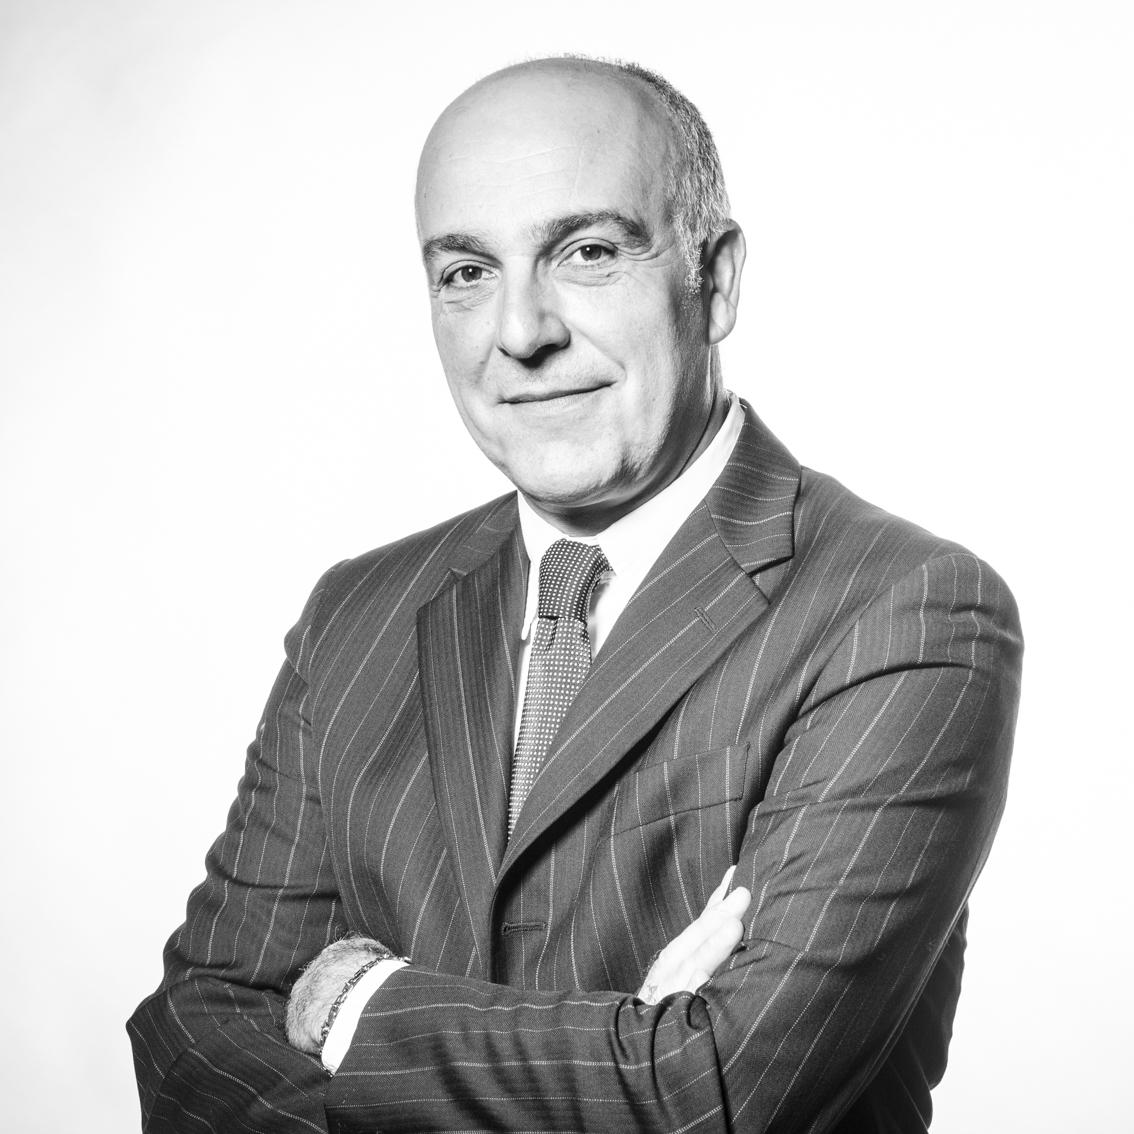 Paolo Baita